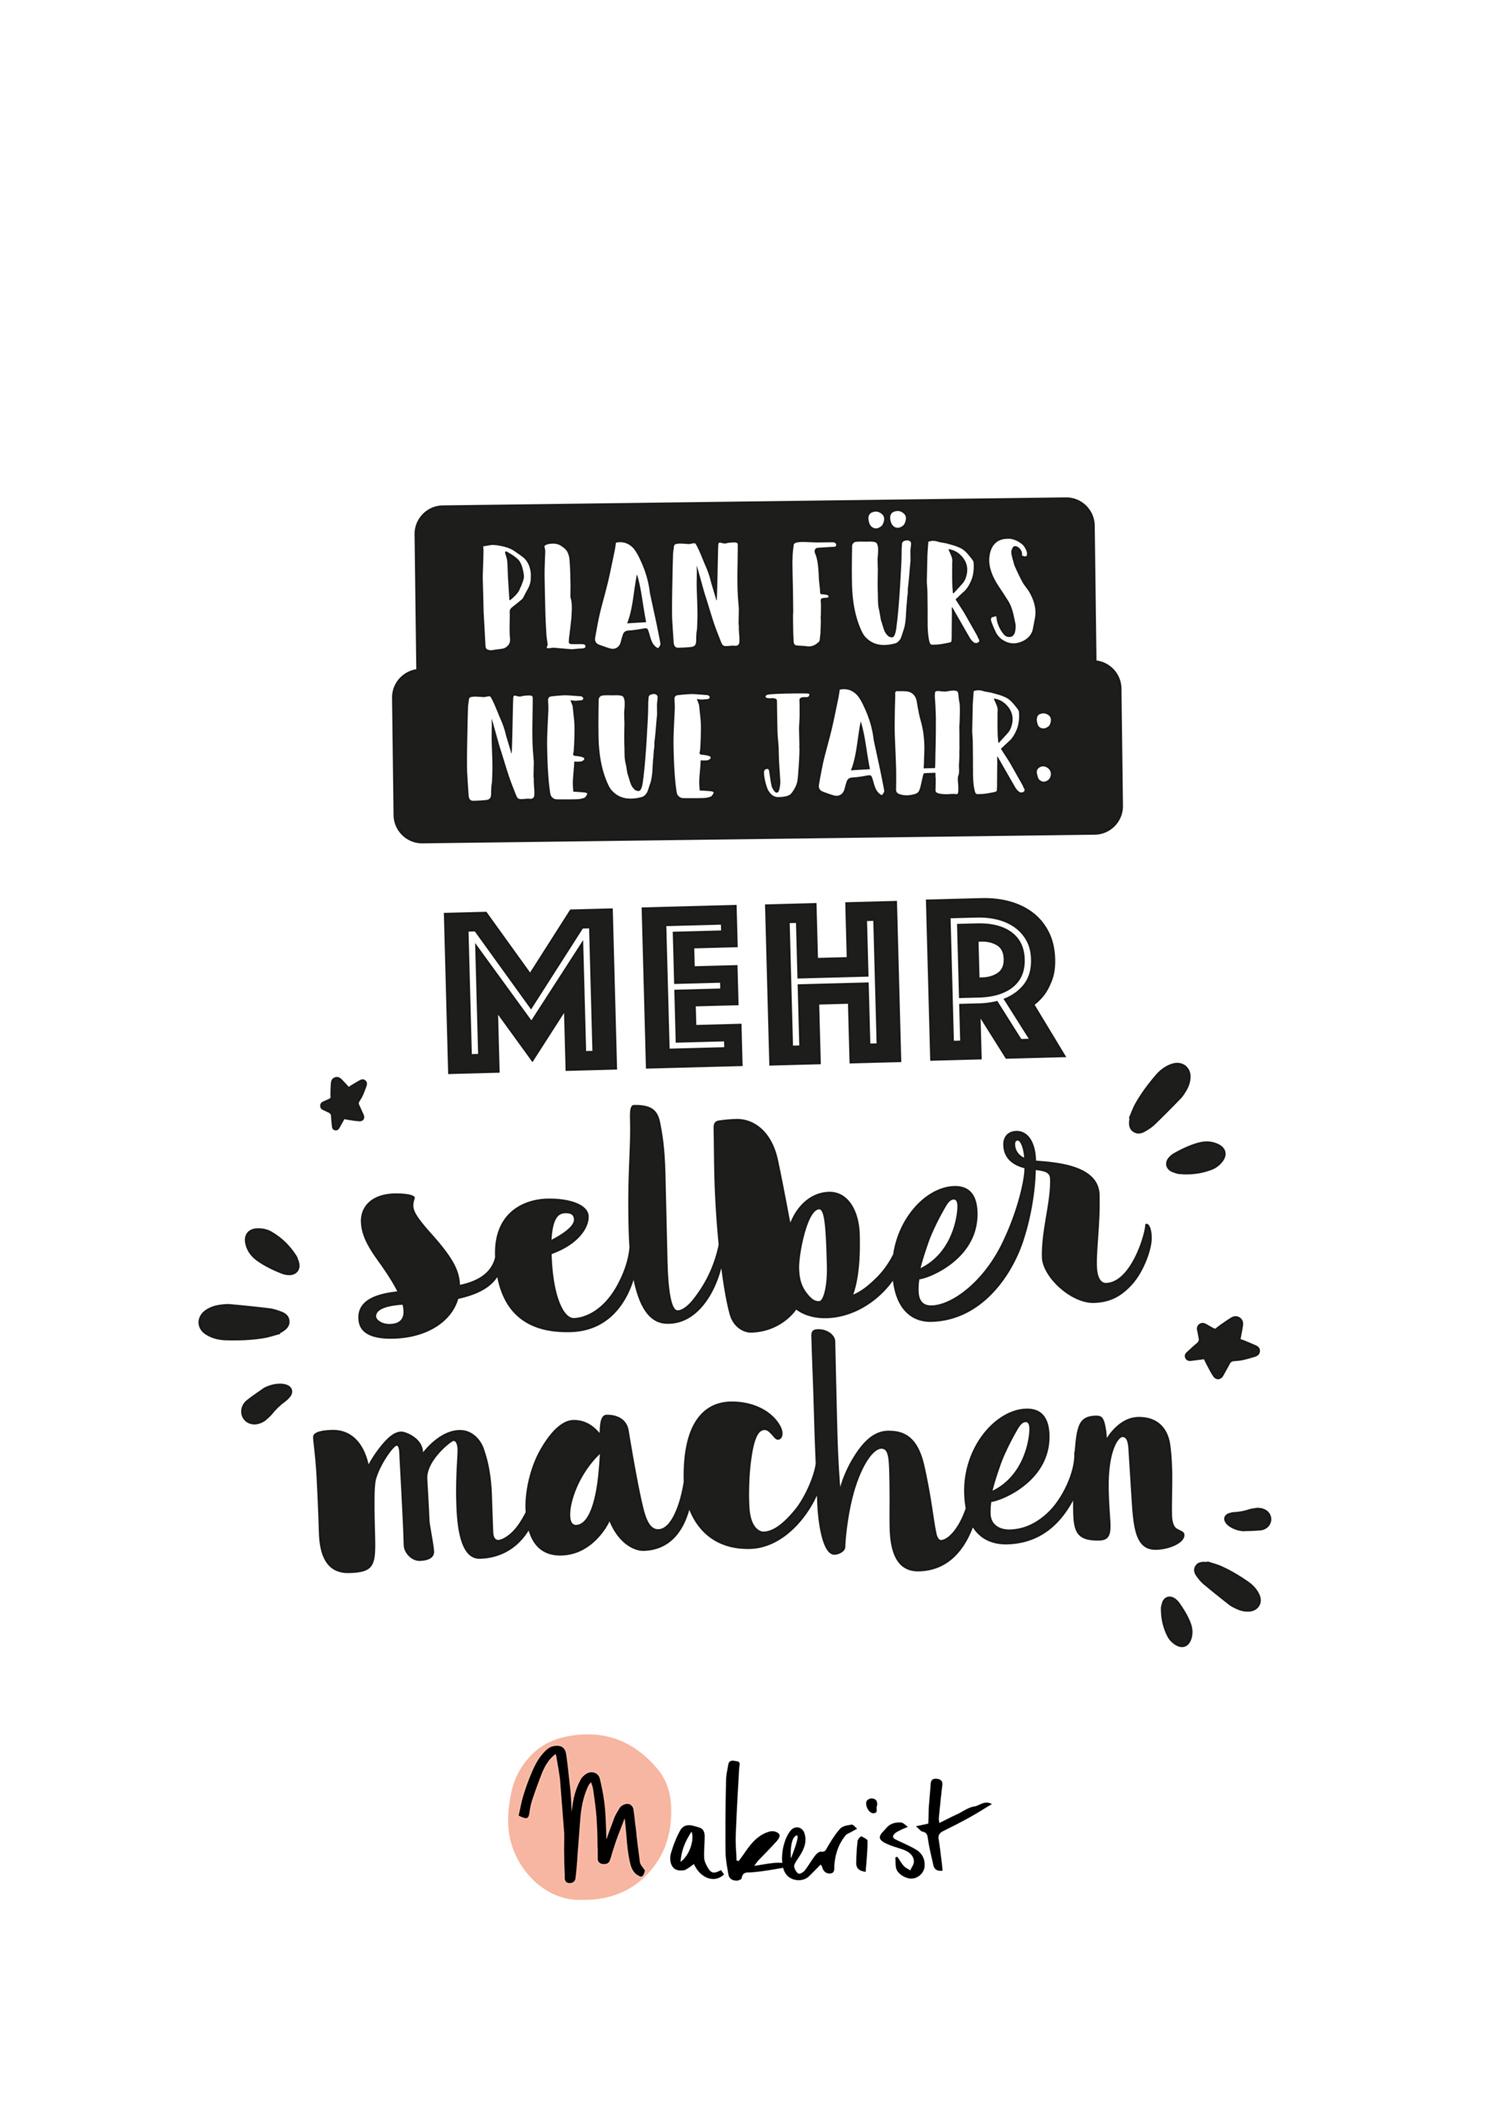 Makerist-Gratis-Typo-Printable-Sprüche-für-Silvester-und-das-neue-Jahr-11.jpg